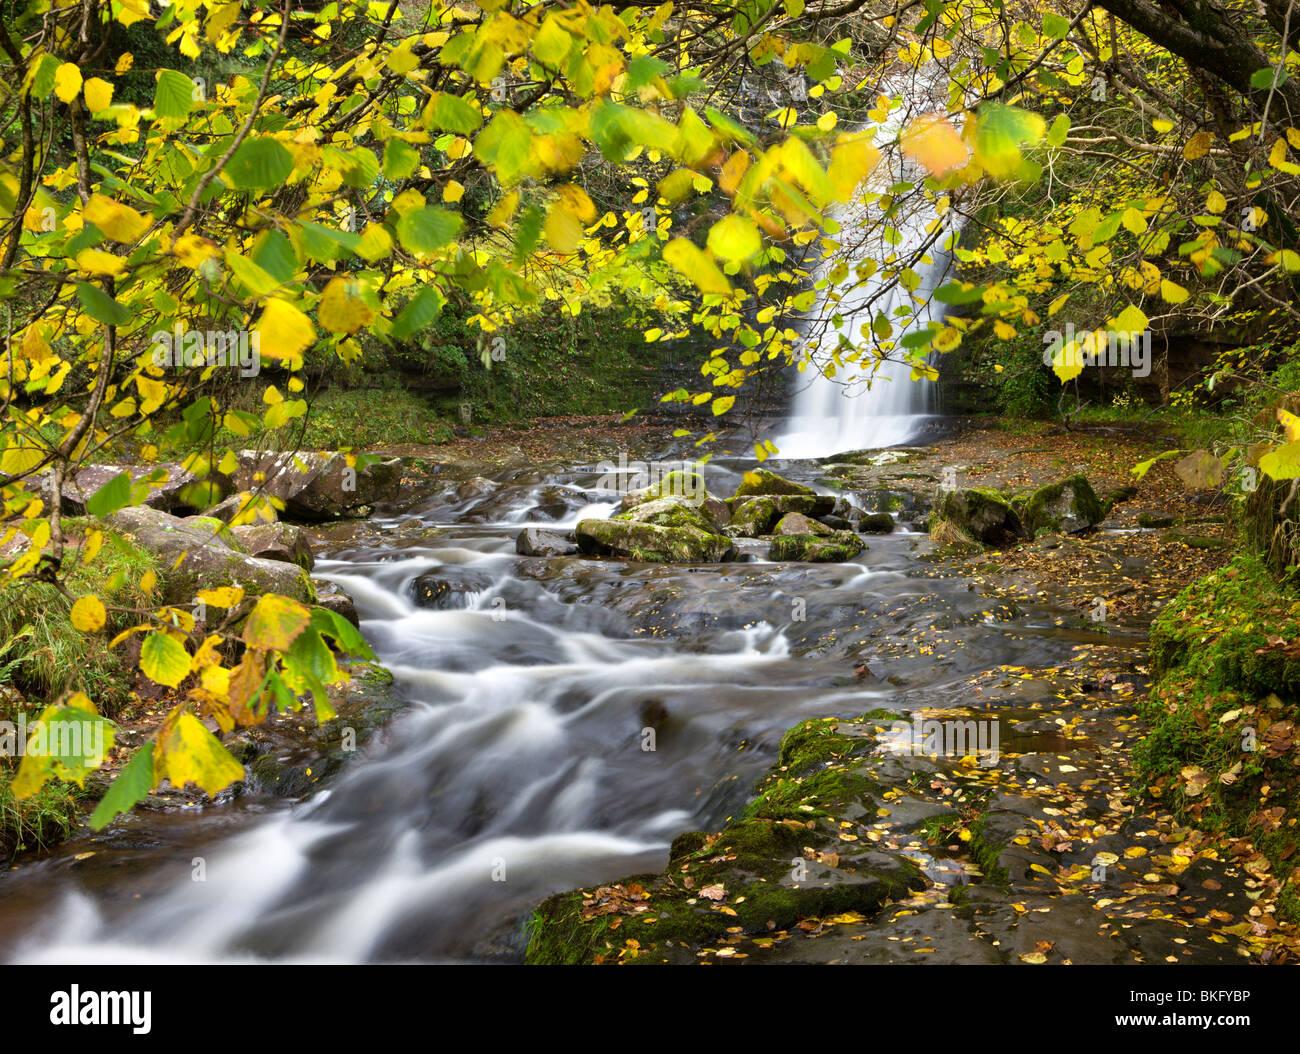 Cascada en el río Caerfanell en Blaen-y-Glyn, el Parque Nacional de Brecon Beacons, Powys, Gales, Reino Unido. Otoño (Octubre) 2009 Foto de stock